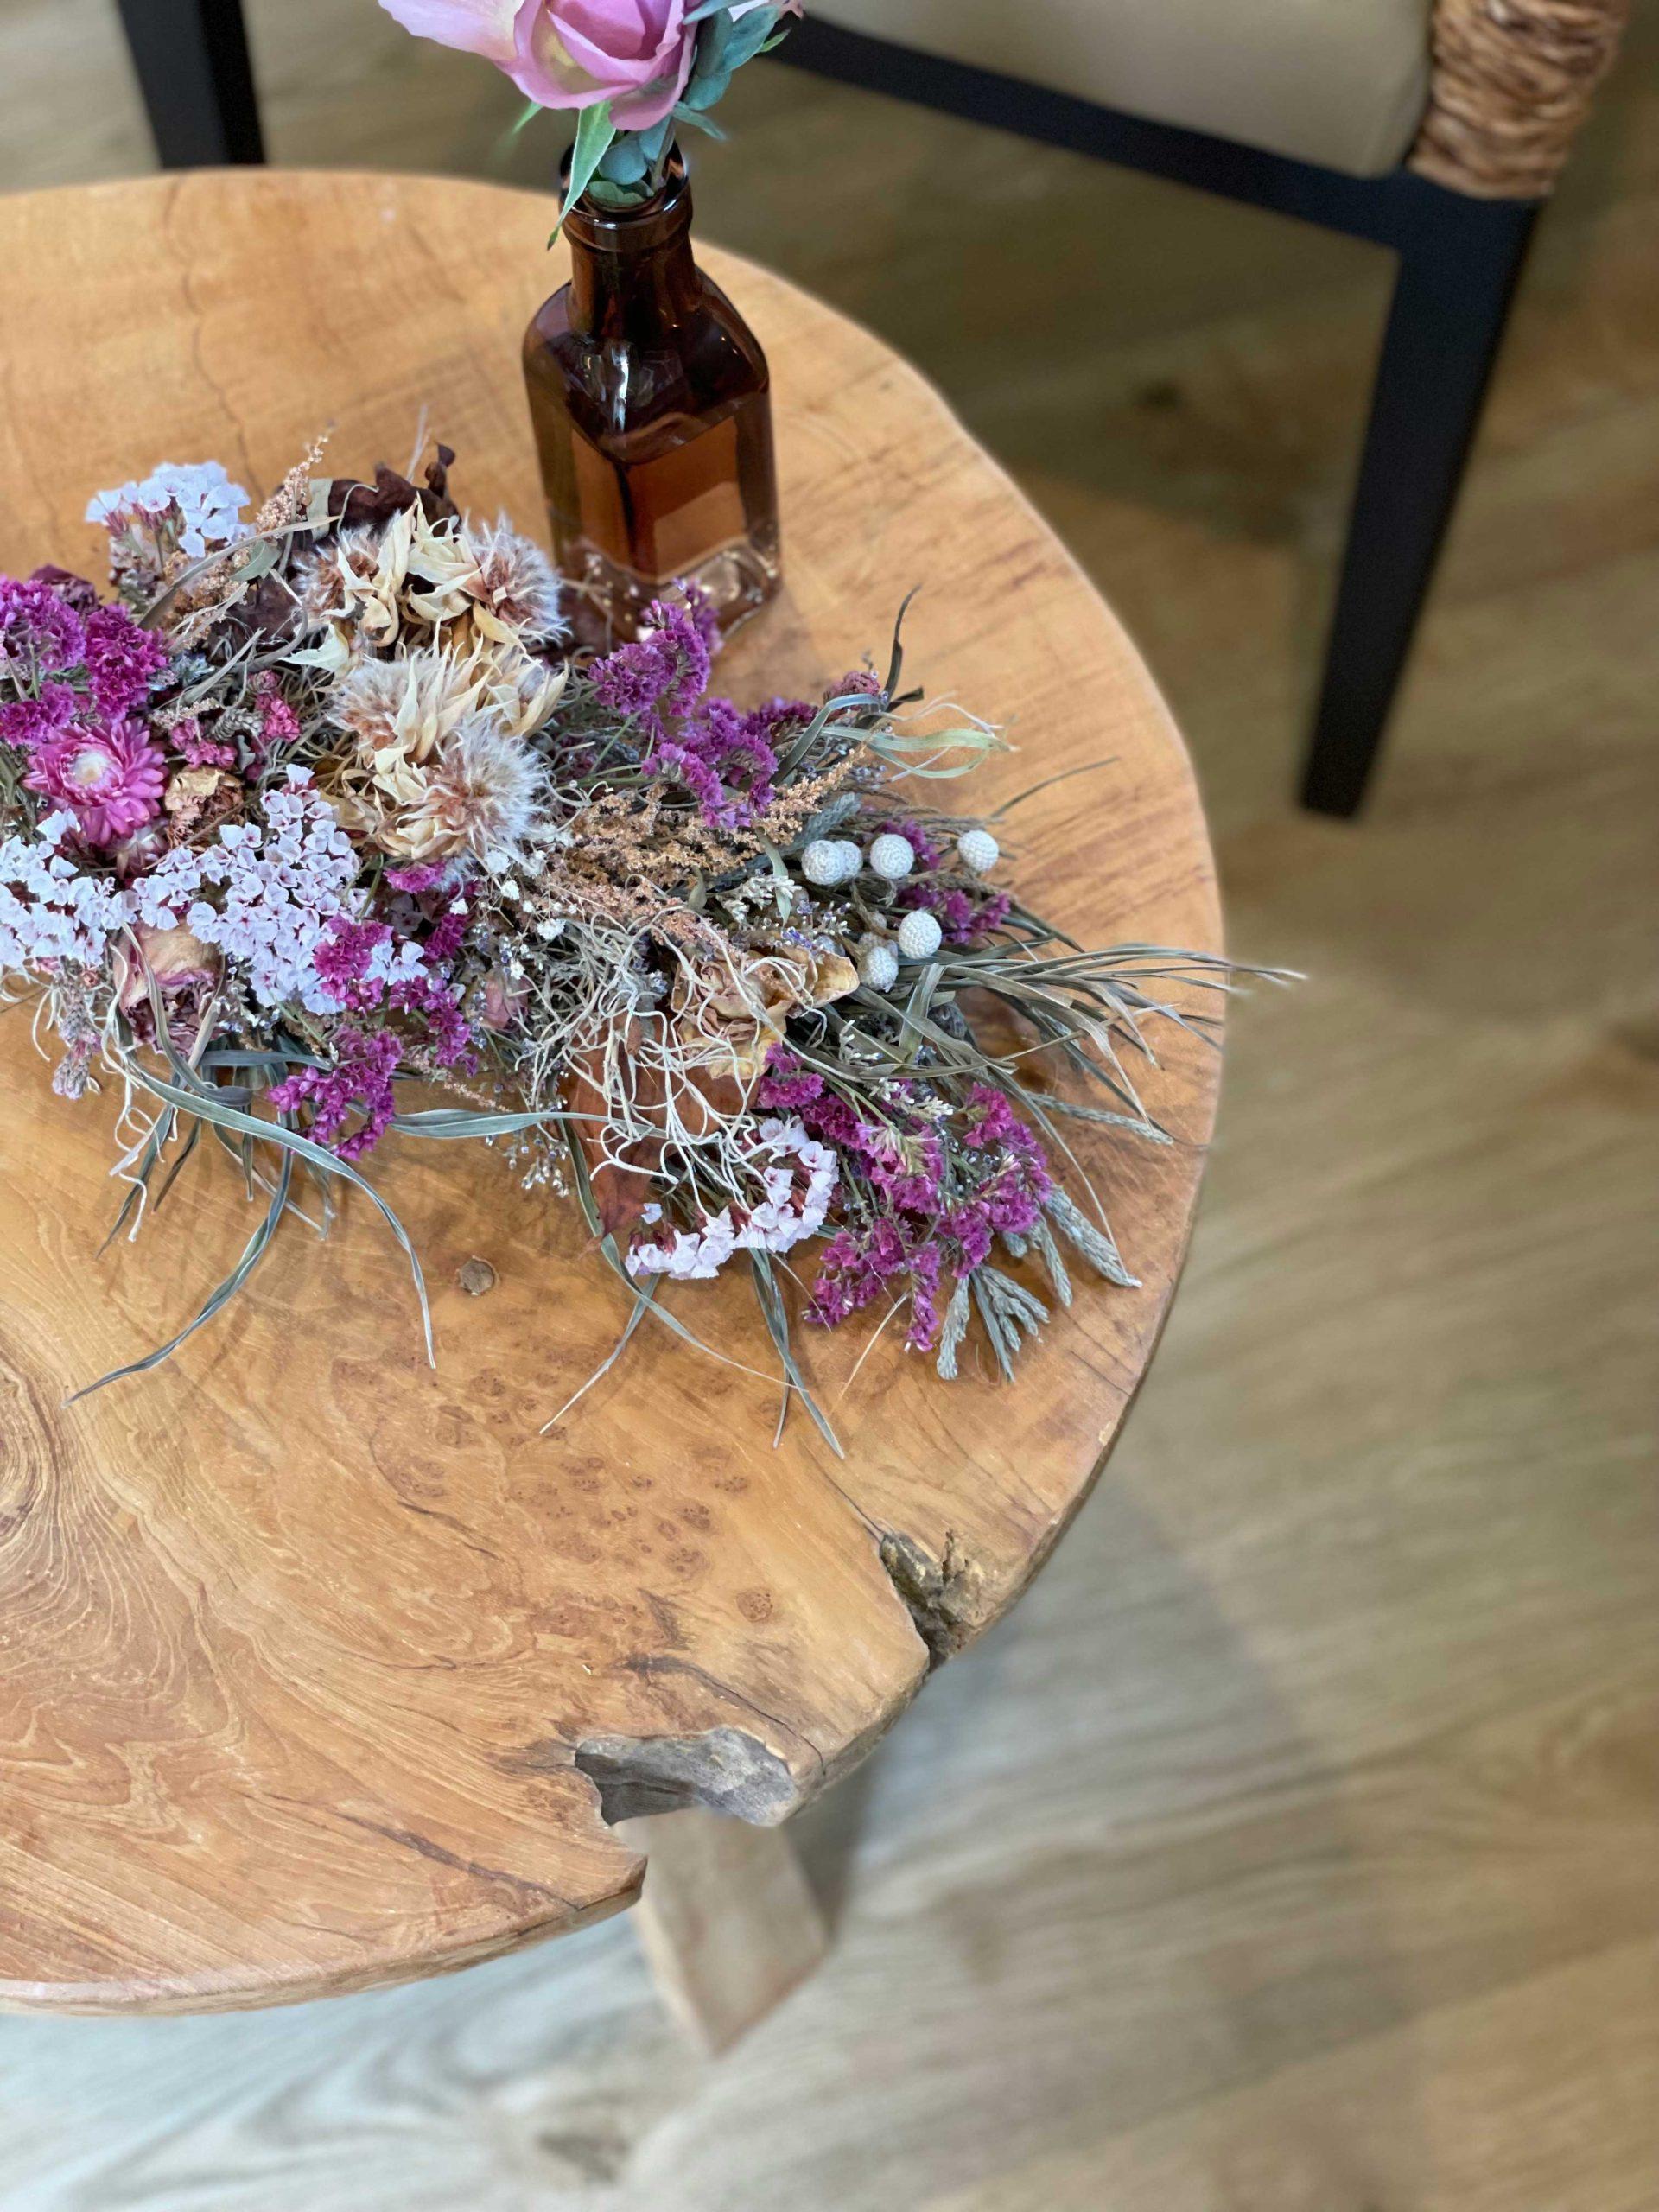 アルゴリズムがコーディネートを手がけたサロンに置かれたチークサイドテーブル